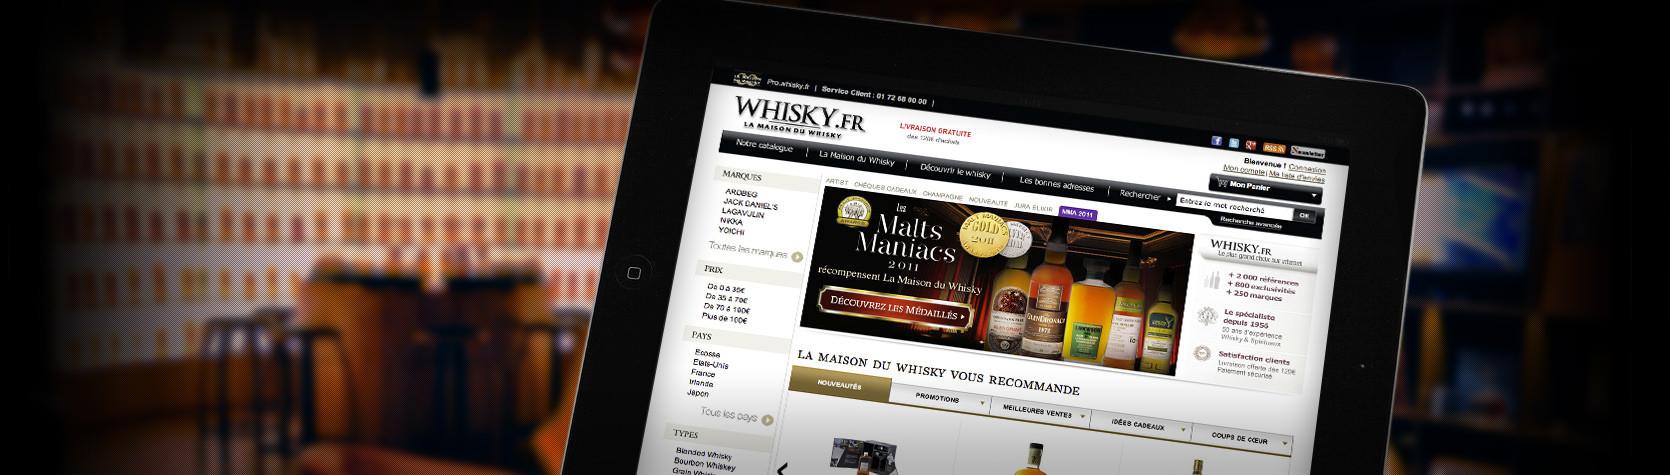 Boutique en ligne Maison du Whisky sous Magento Entreprise - Whisky.fr